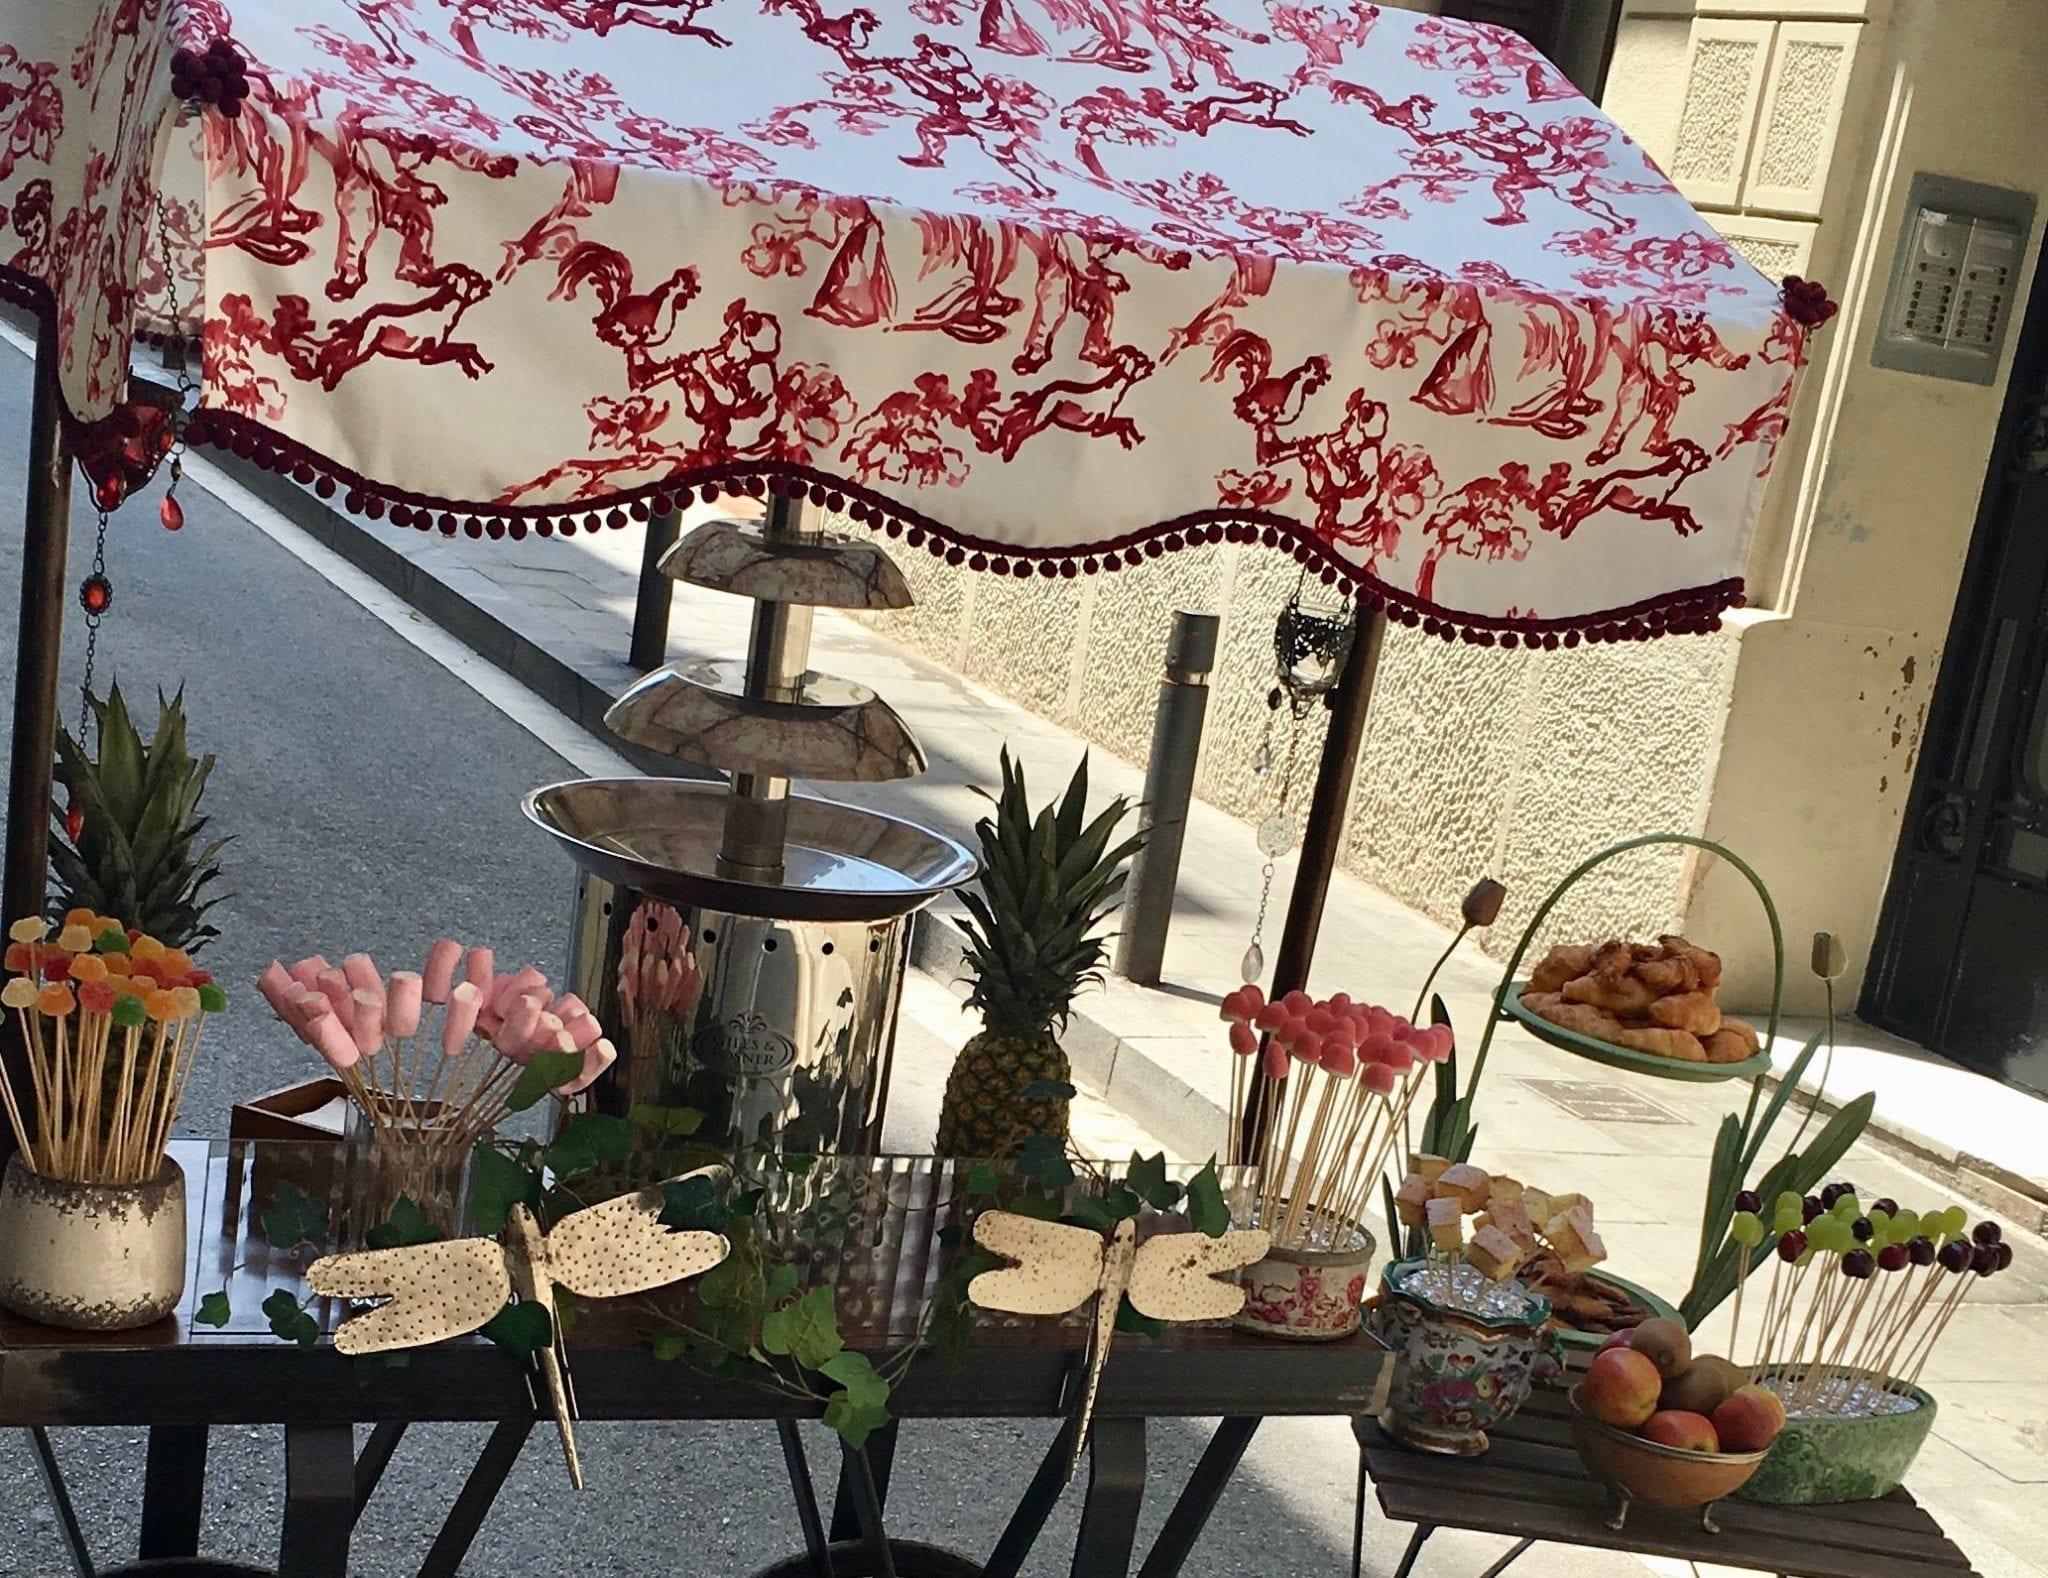 Carrito con fuente de chocolate y un toldo blanco con estampados rosas. Diferentes chuches y bollos para acompañar el chocolate caliente.